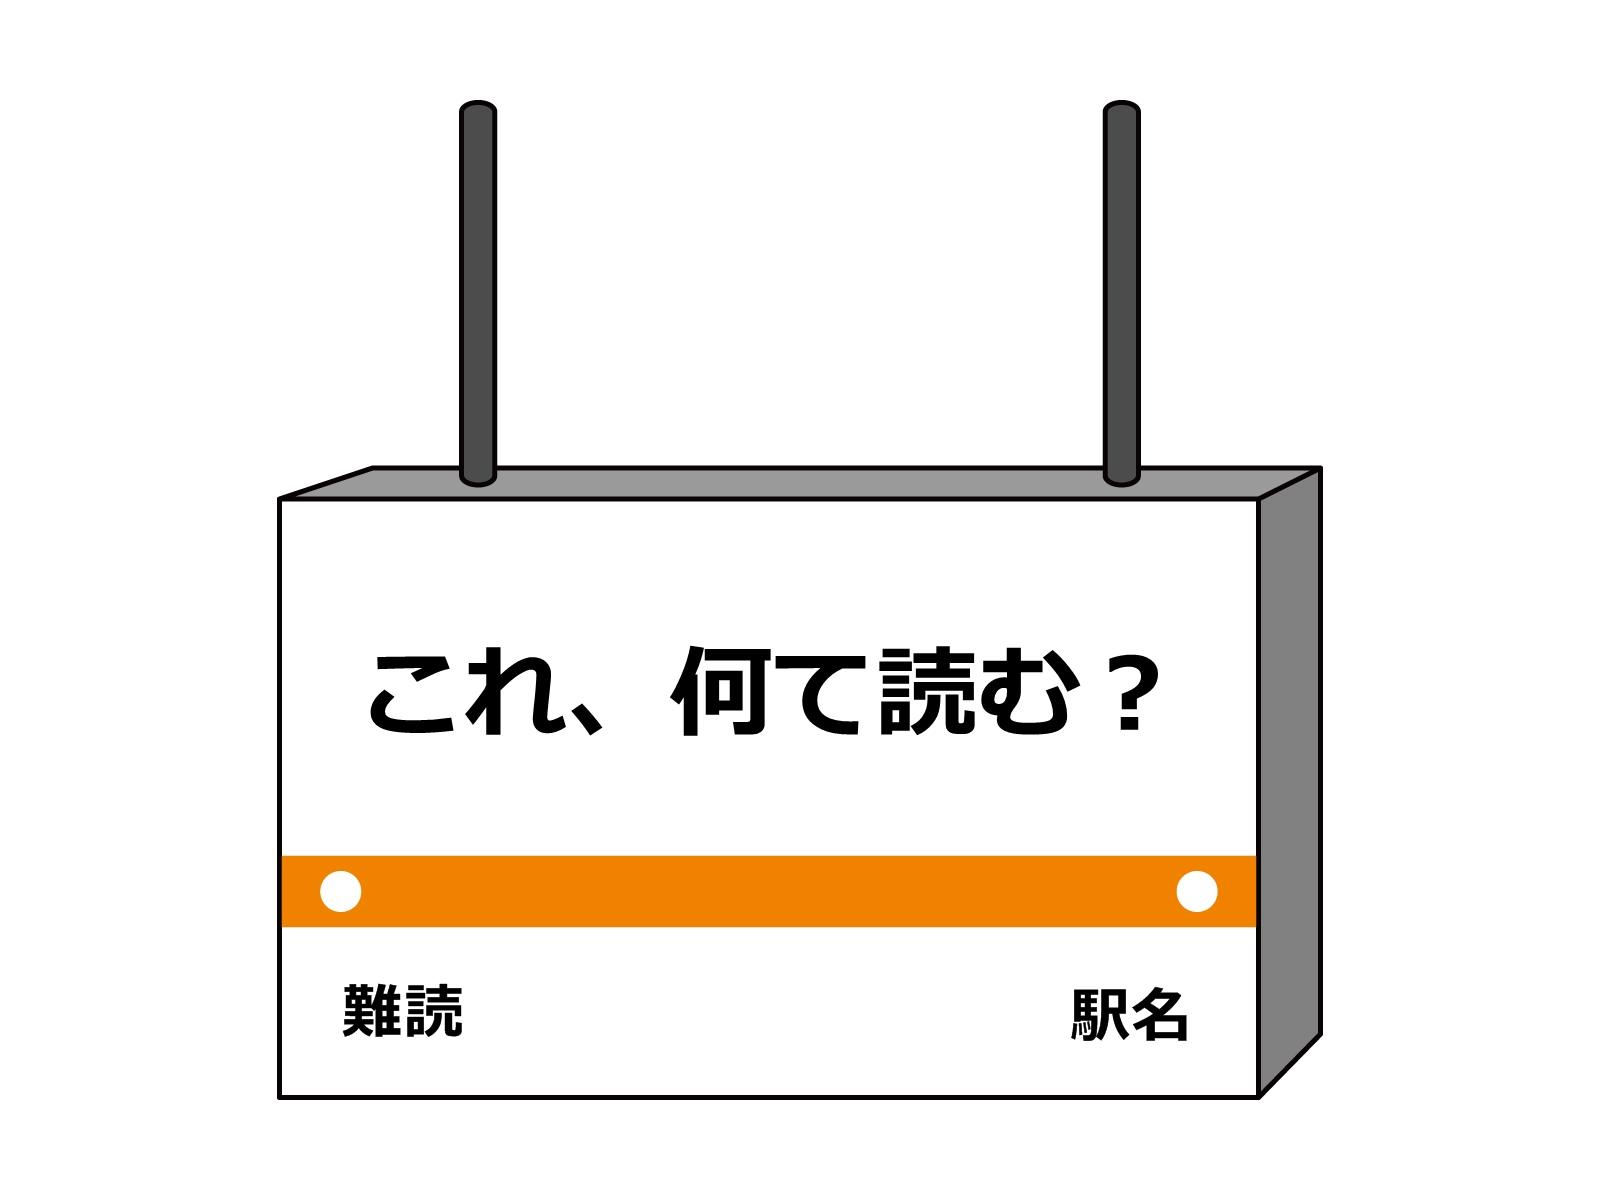 難読駅名クイズ イラスト